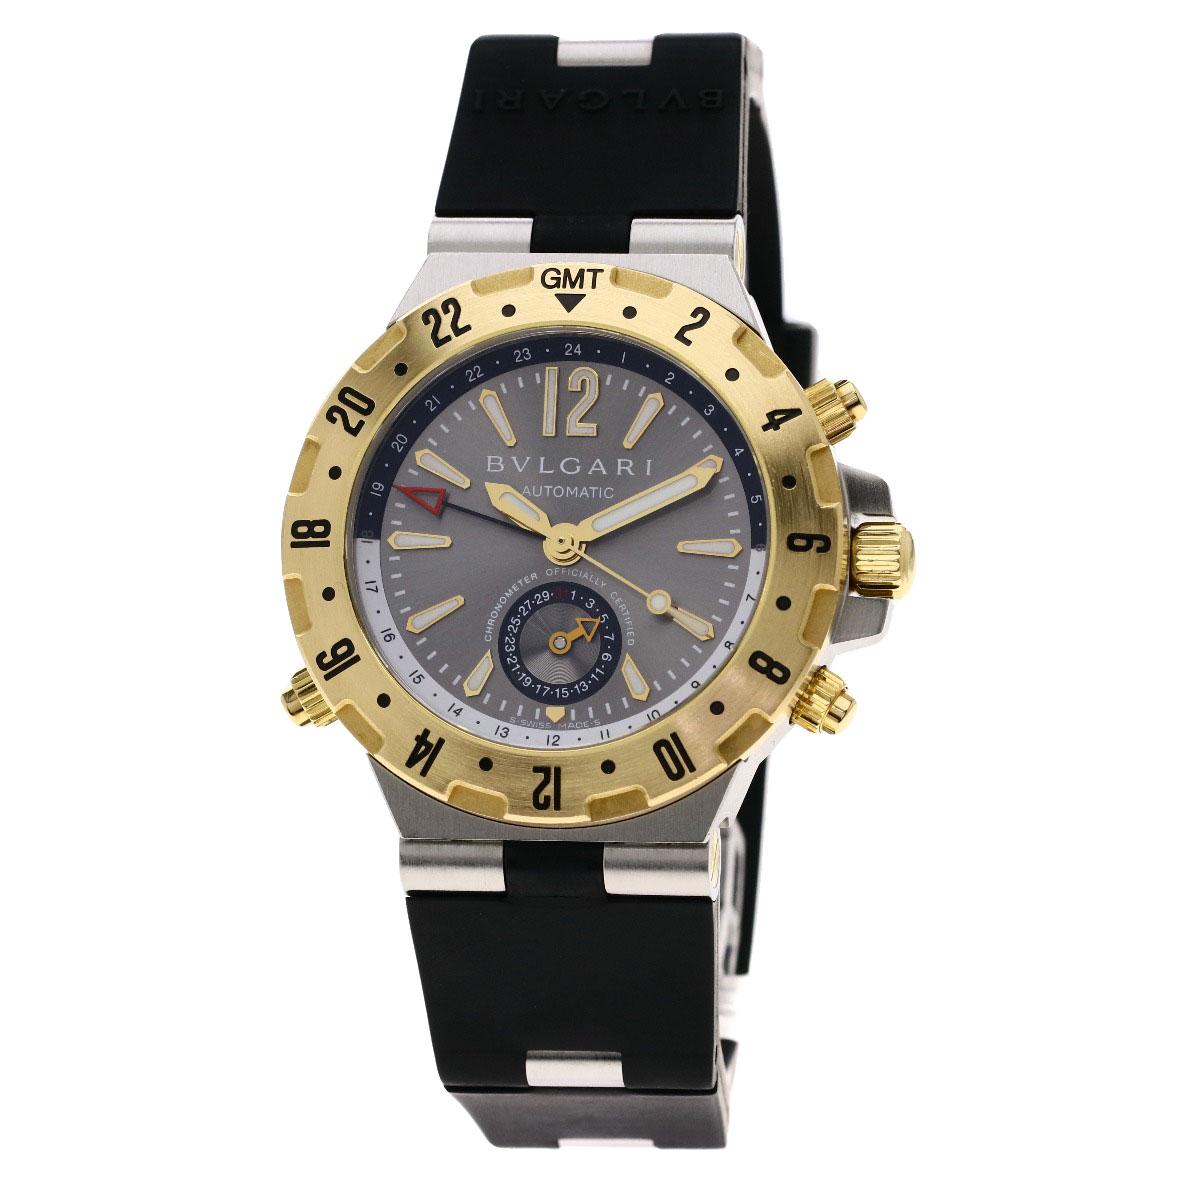 7f3fb8049c6a ブルガリ GMT40C5SGVD ディアゴノ 腕時計メンズ ー 【ブラモ】欲しいブランド品がすぐ見つかる!ネット通販サイト!